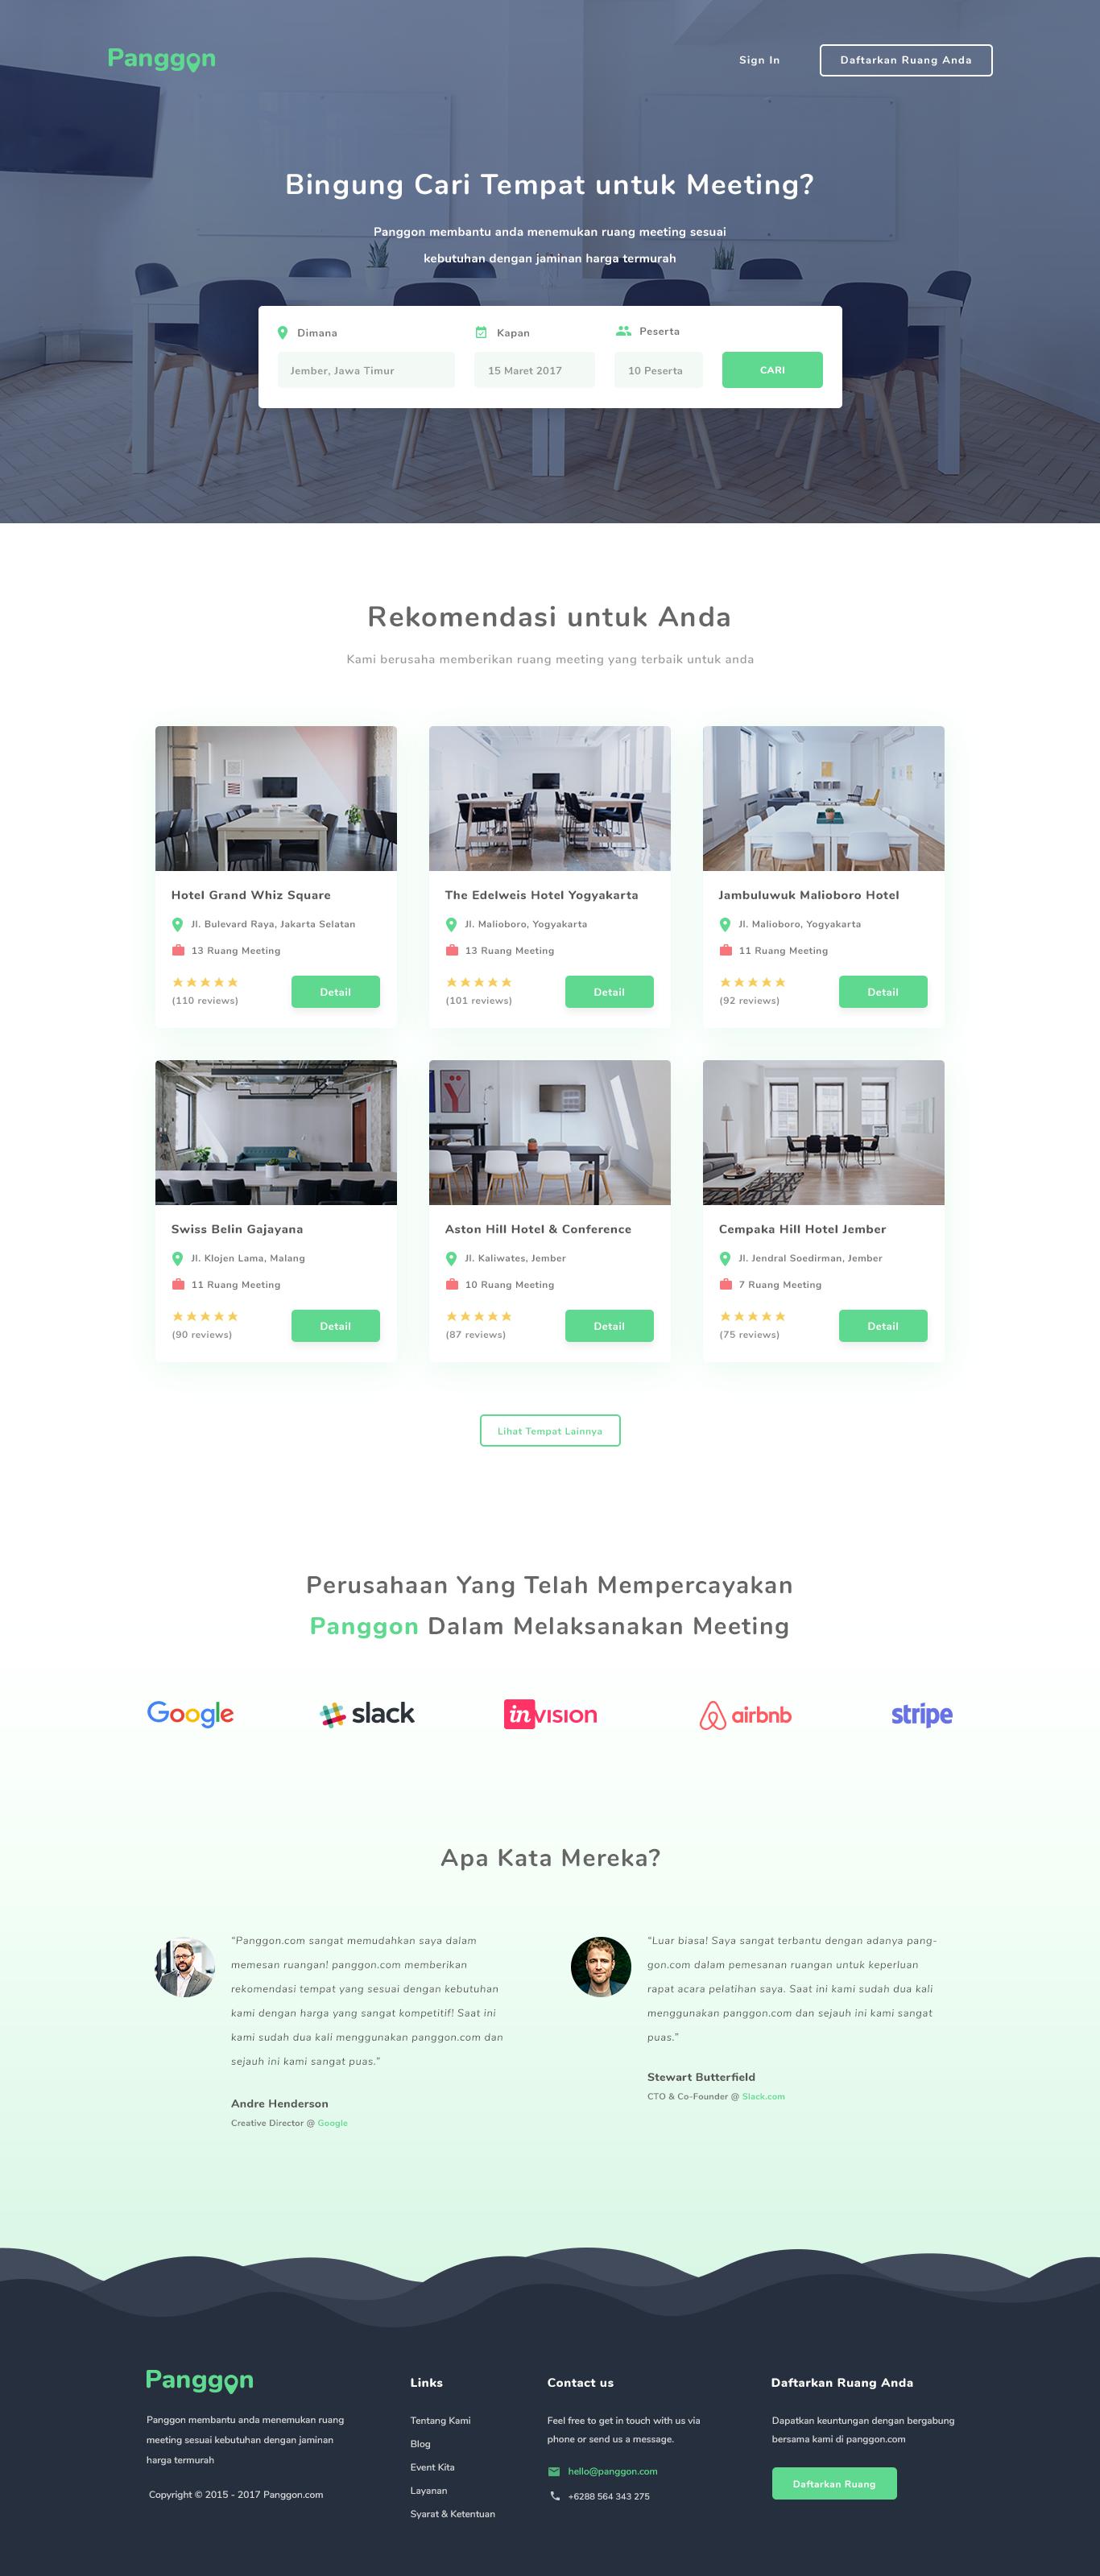 Pin By Ryan Pedersen On Web Design Web Layout Design Website Design Web Design